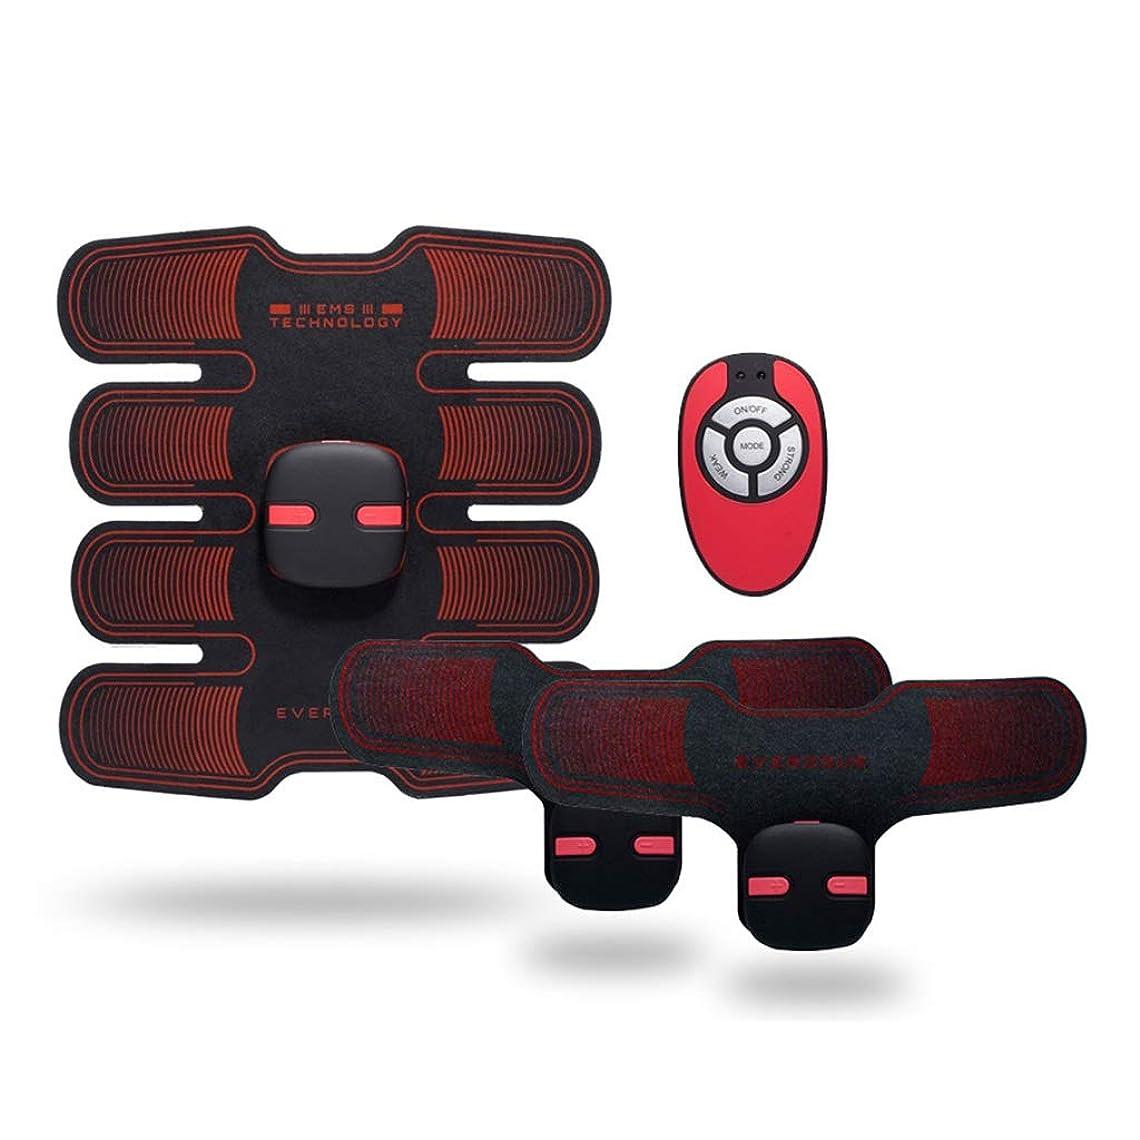 EMS腹筋トレーナー筋肉刺激装置腹筋フィットネスベルトホームオフィス腹筋トレーナー筋肉トレーニング腹部マシン筋肉腹部トレーナーボディービル腹部ベルトギフト腹部調色ベルト (Color : BLACK, Size : 19*20CM)